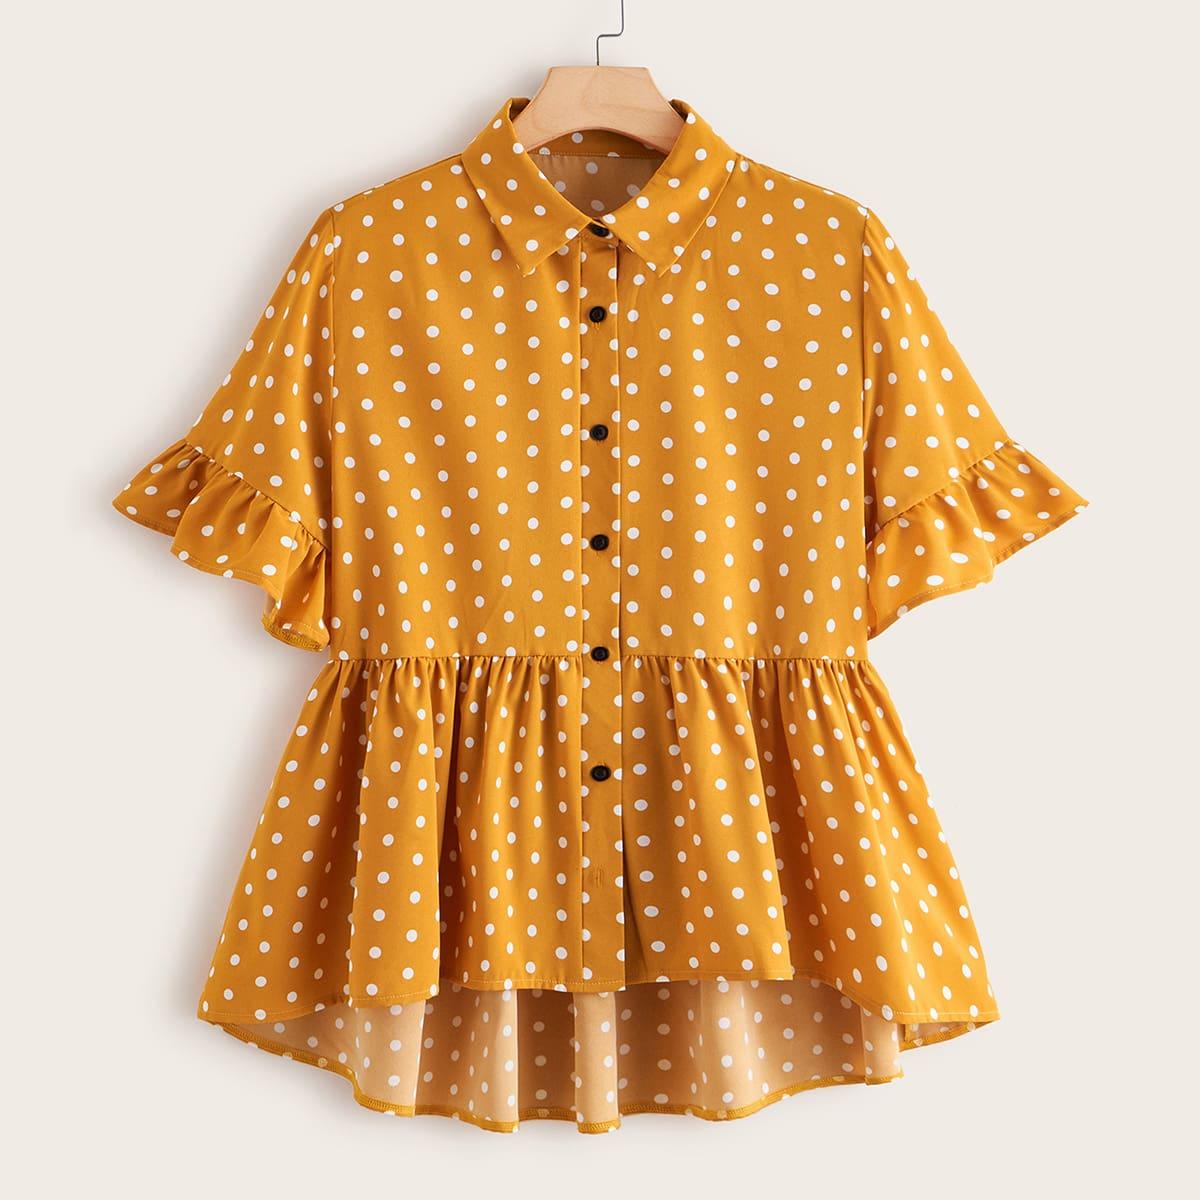 SHEIN / Gelb  Knöpfen vorn Polka Dots Lässig Blusen Große Größen